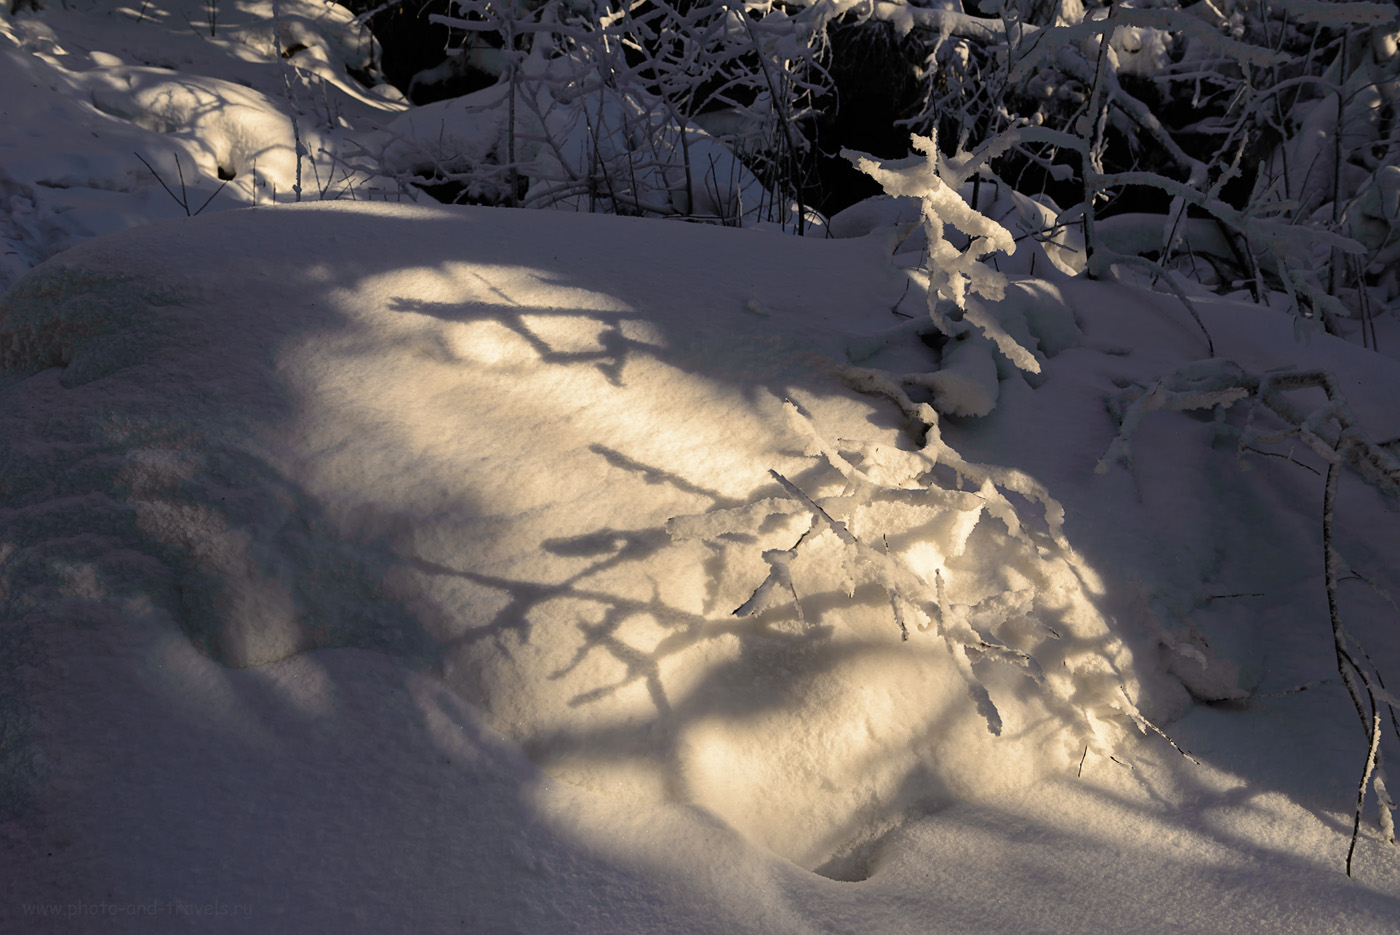 Фотография 18. Зимние узоры на Колпаках. Отчет о походе на гору. 1/125, 8.0, 100, 32.